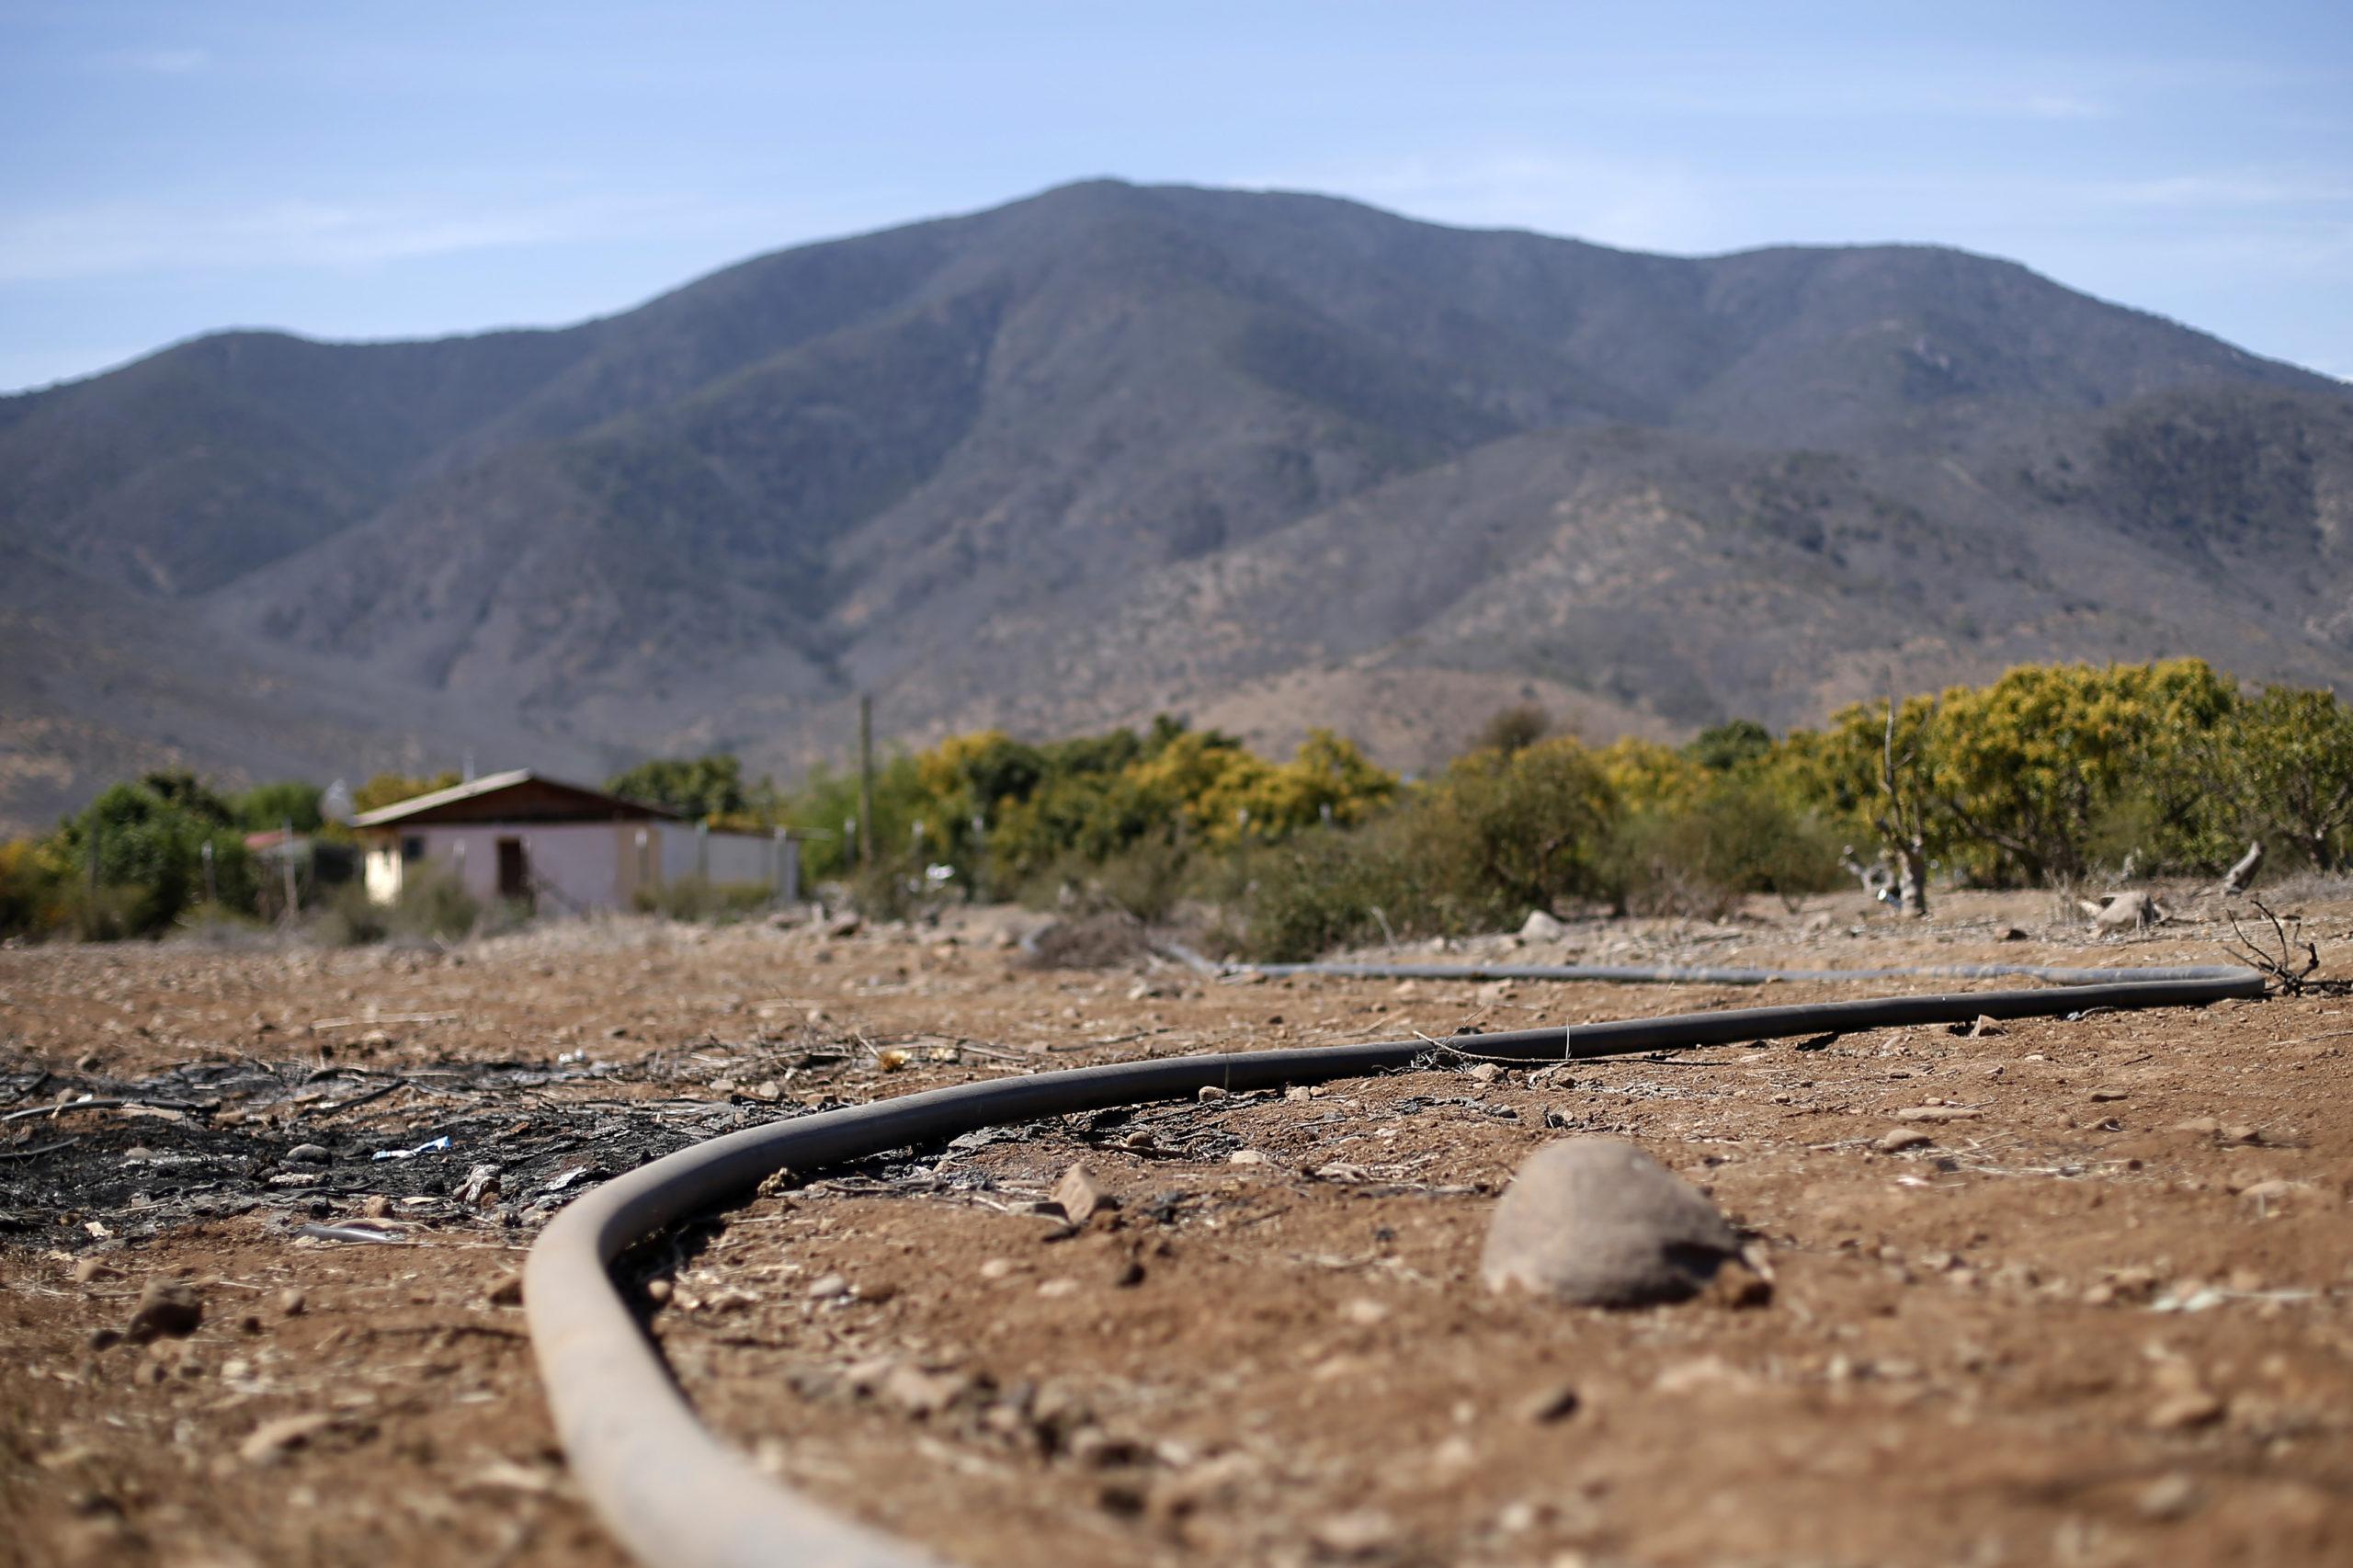 Ministerio de Agricultura evalúa decretar emergencia agrícola por escasez hídrica en varias regiones